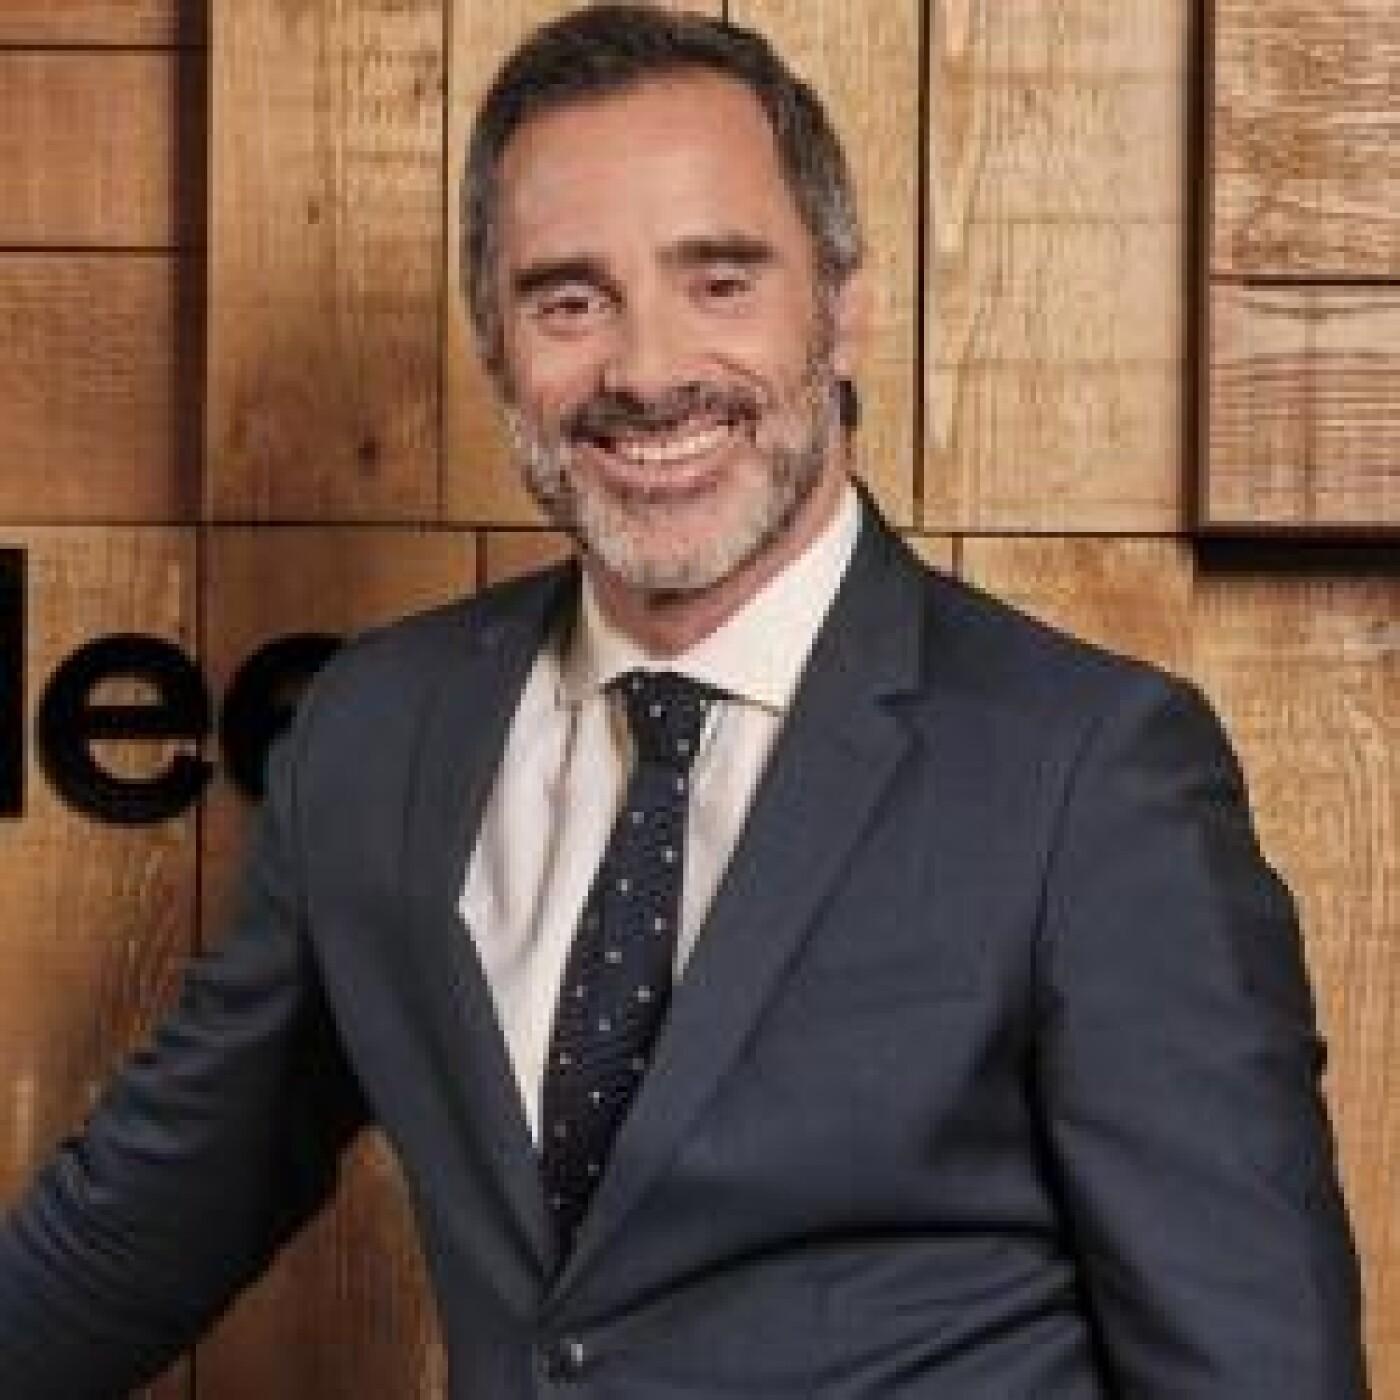 L'INTERVIEW DE LOUIS ALEXIS DE GEMINI DANS L'HAPPY HOUR FG